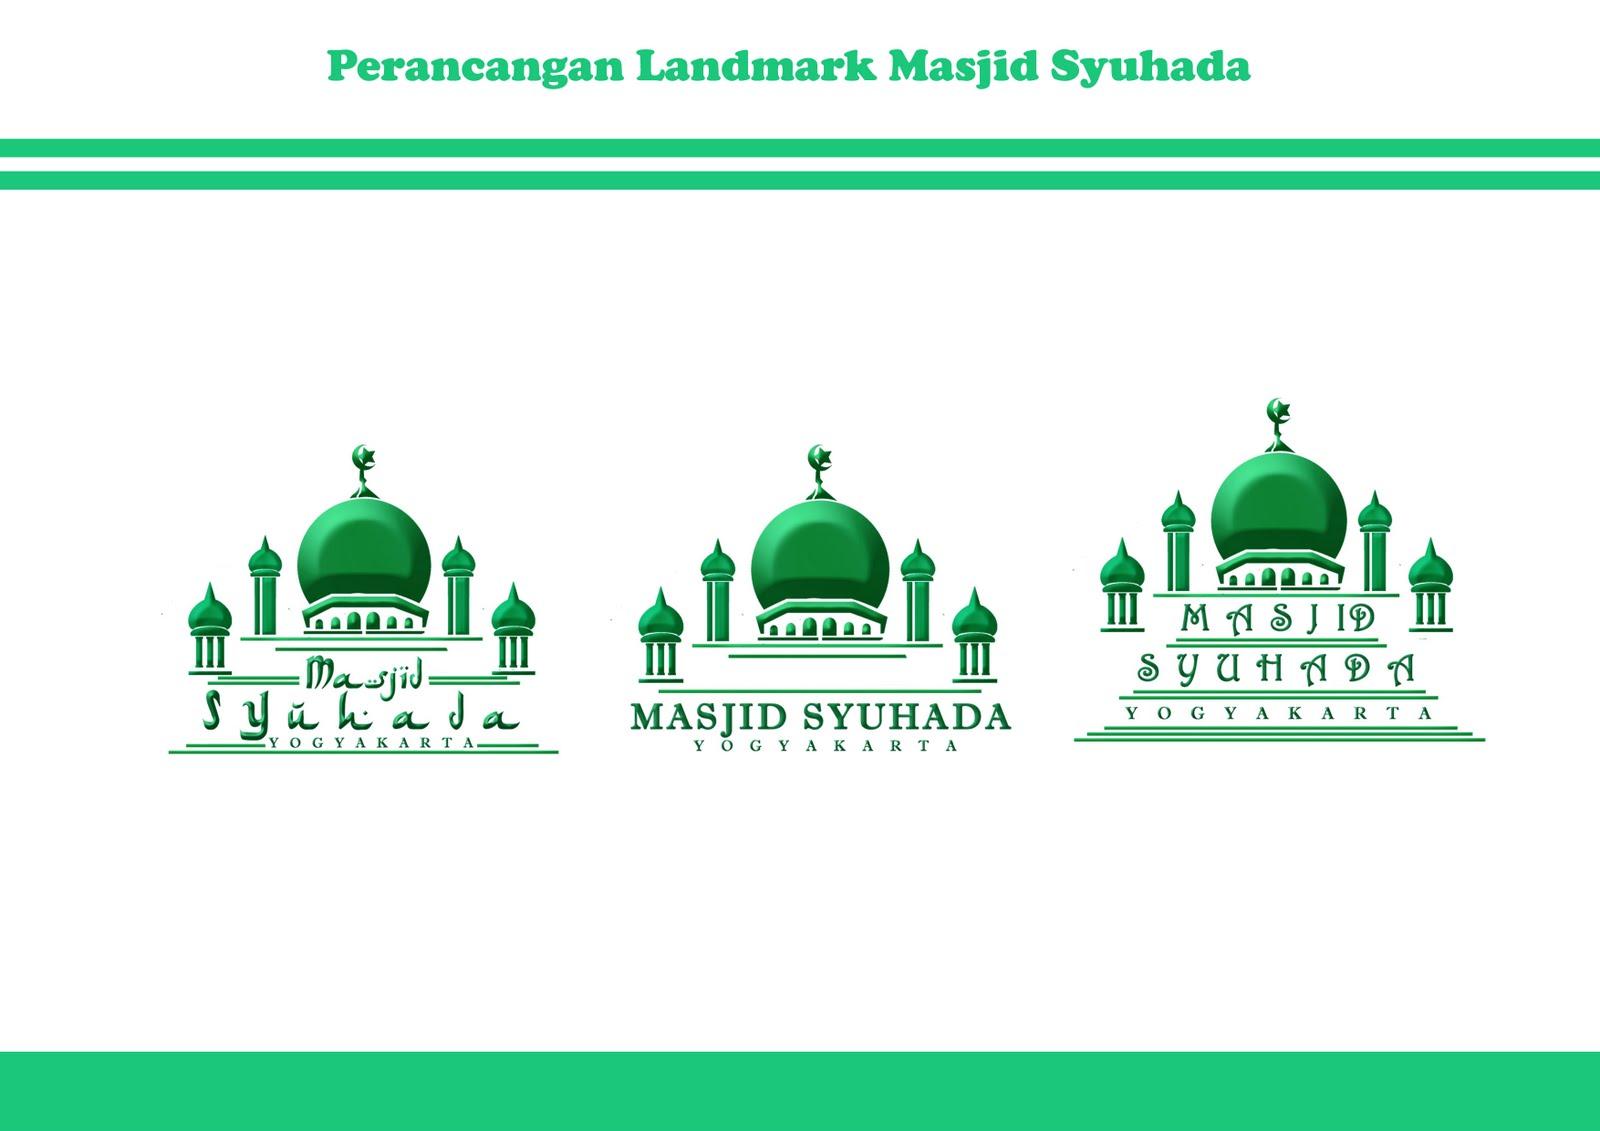 Afterain Masjid Syuhada Yogyakarta Kota